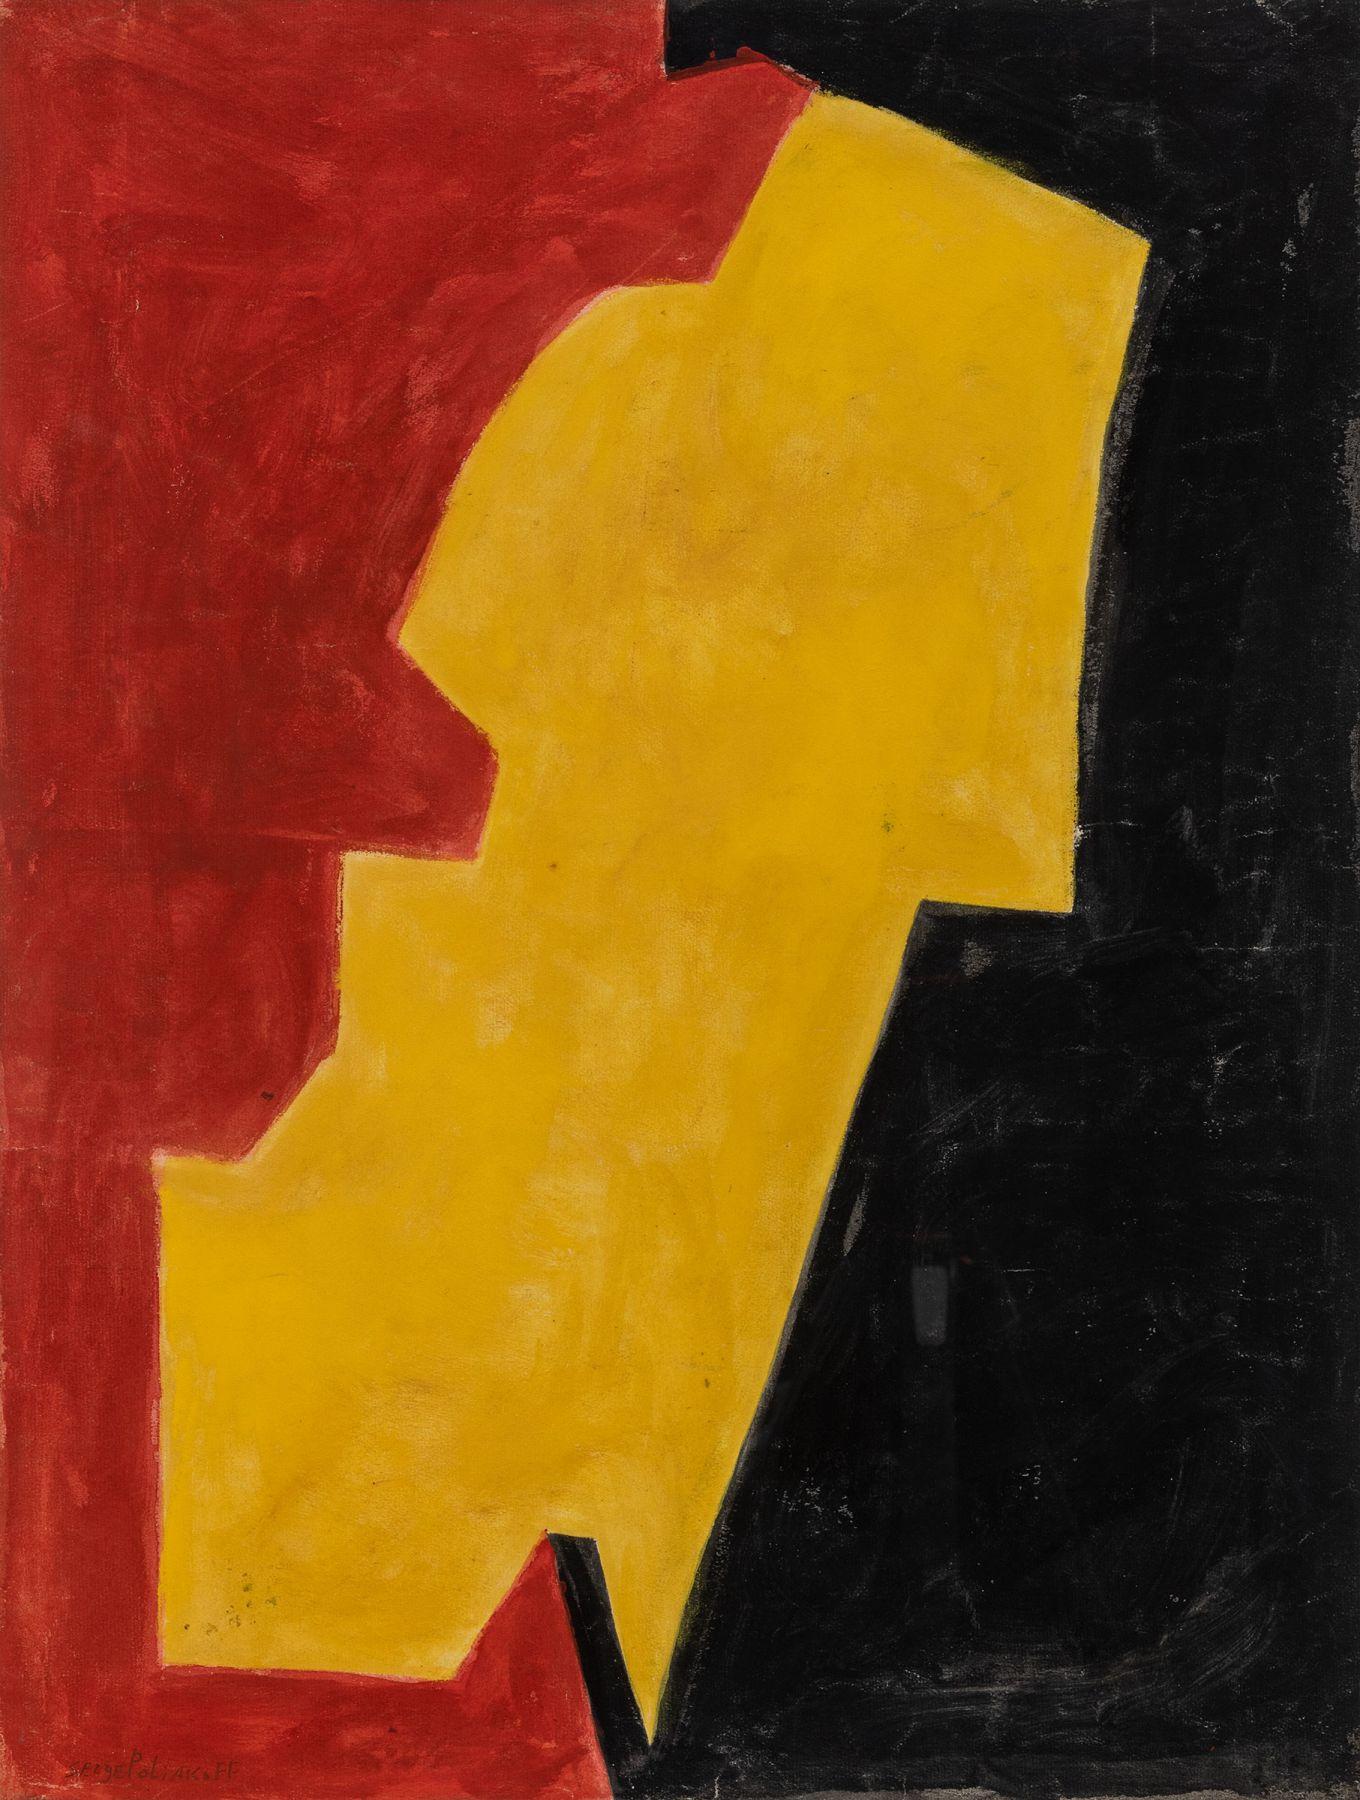 SP.19282 1 - ROUGE, JAUNE ET NOIR (1951)